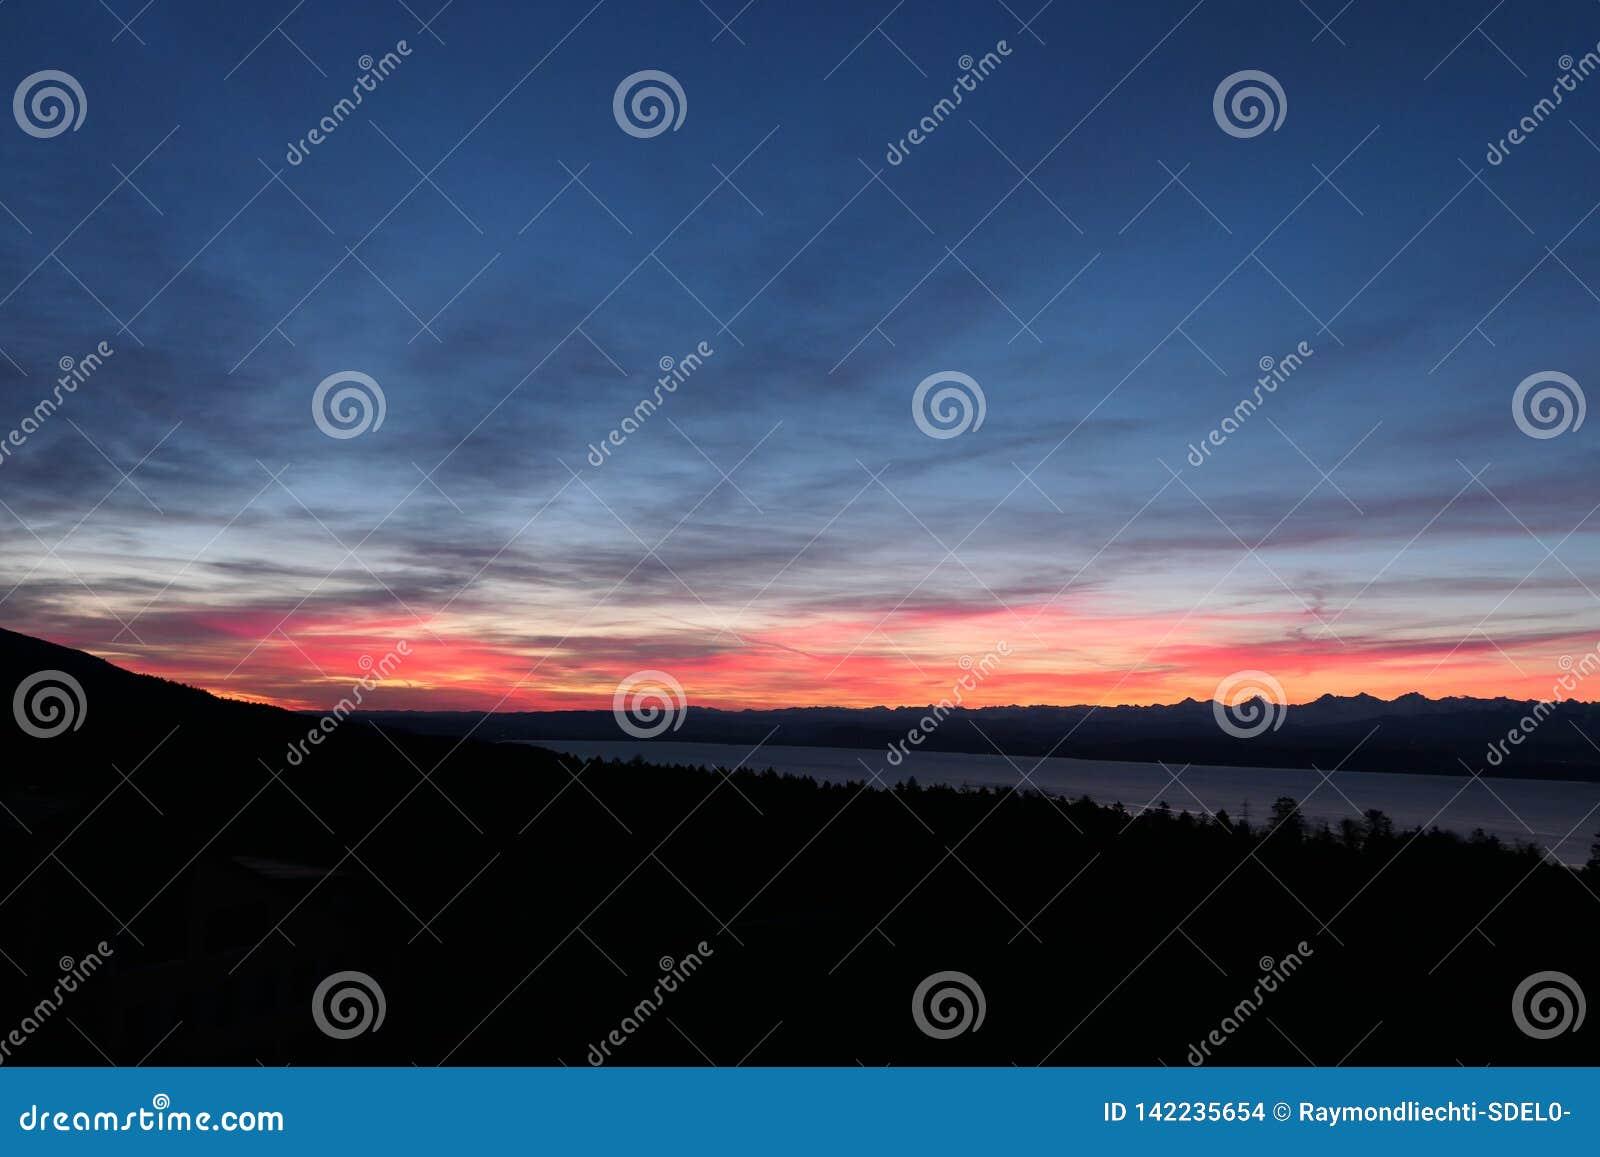 Der Tag steigt mit herrlichen Farben im Himmel und in den Schweizer Alpen im Hintergrund